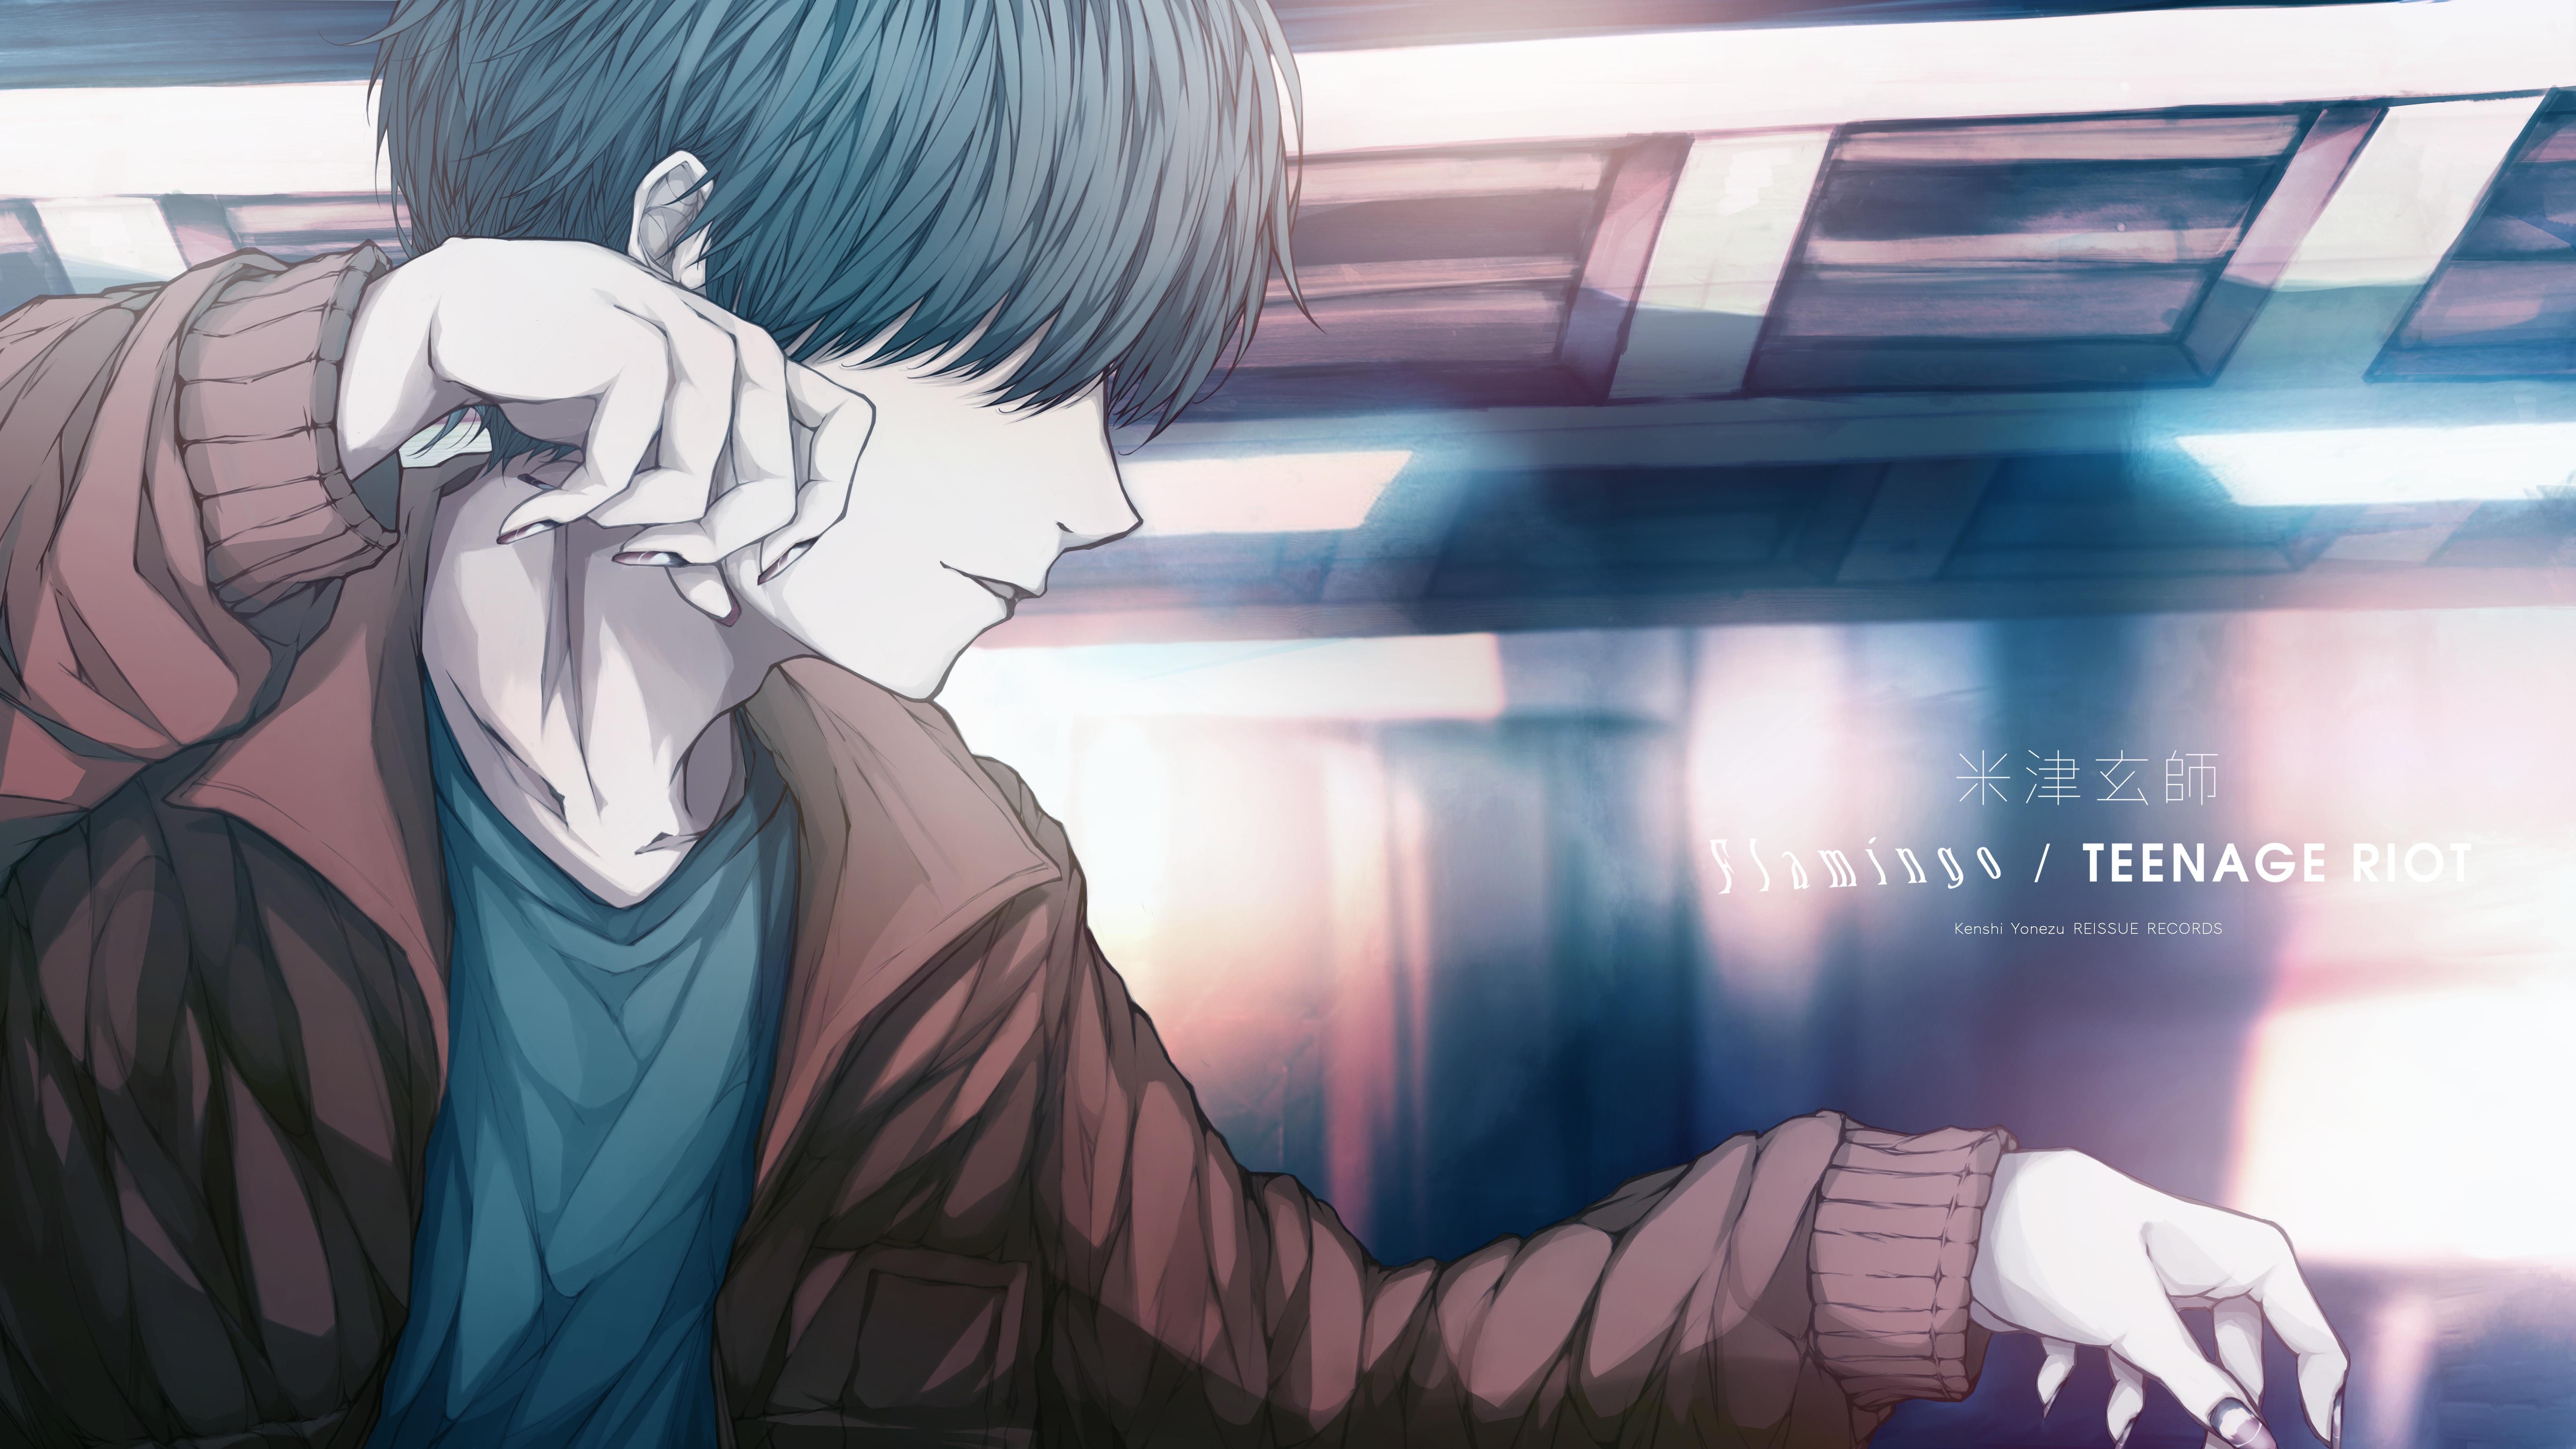 Kenshi Yonezu 5k Retina Ultra Hd Wallpaper Background Image